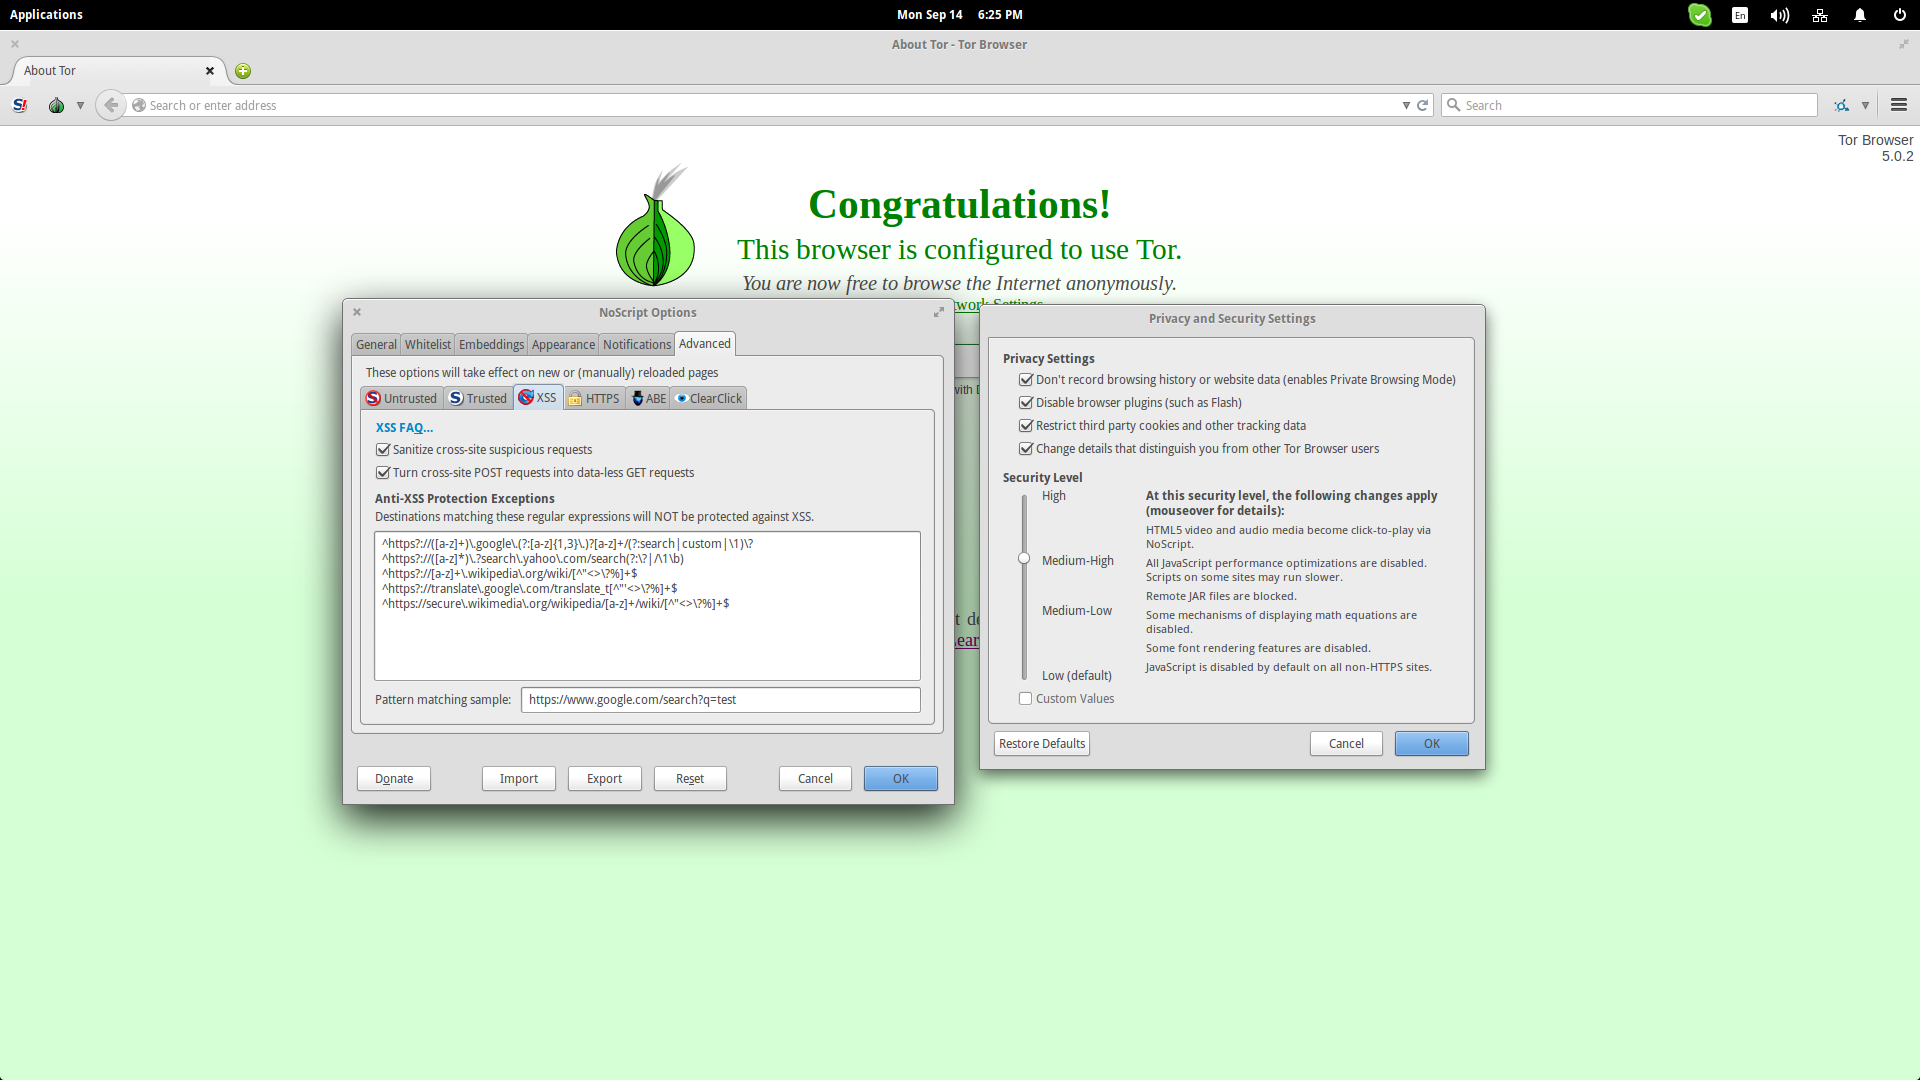 navegador tor configuracao